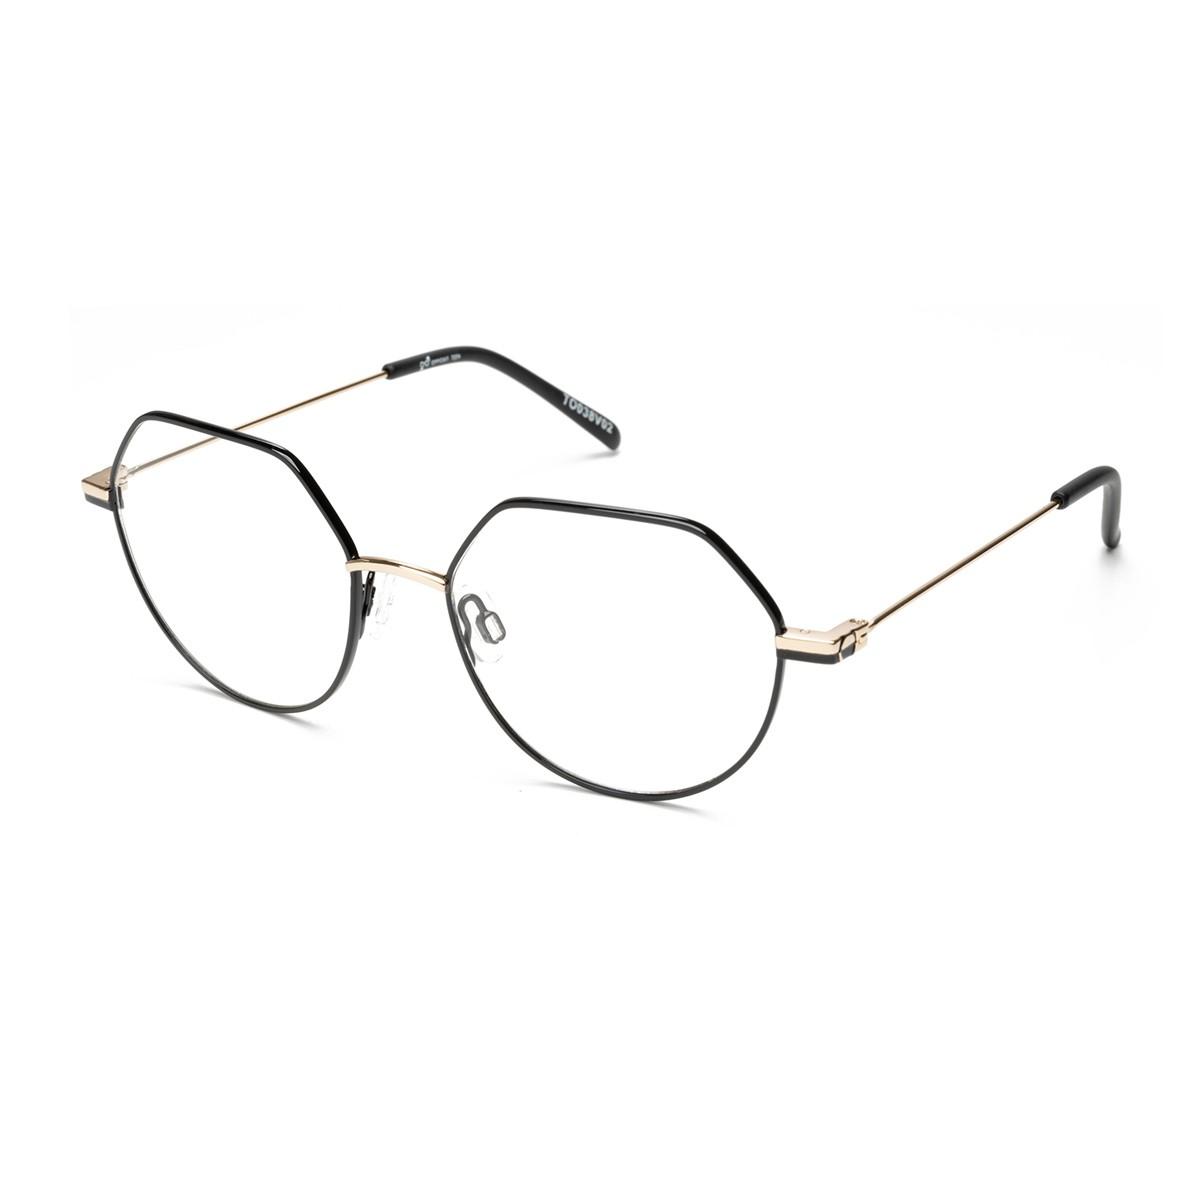 Opposit Teen TO038V   Kids eyeglasses